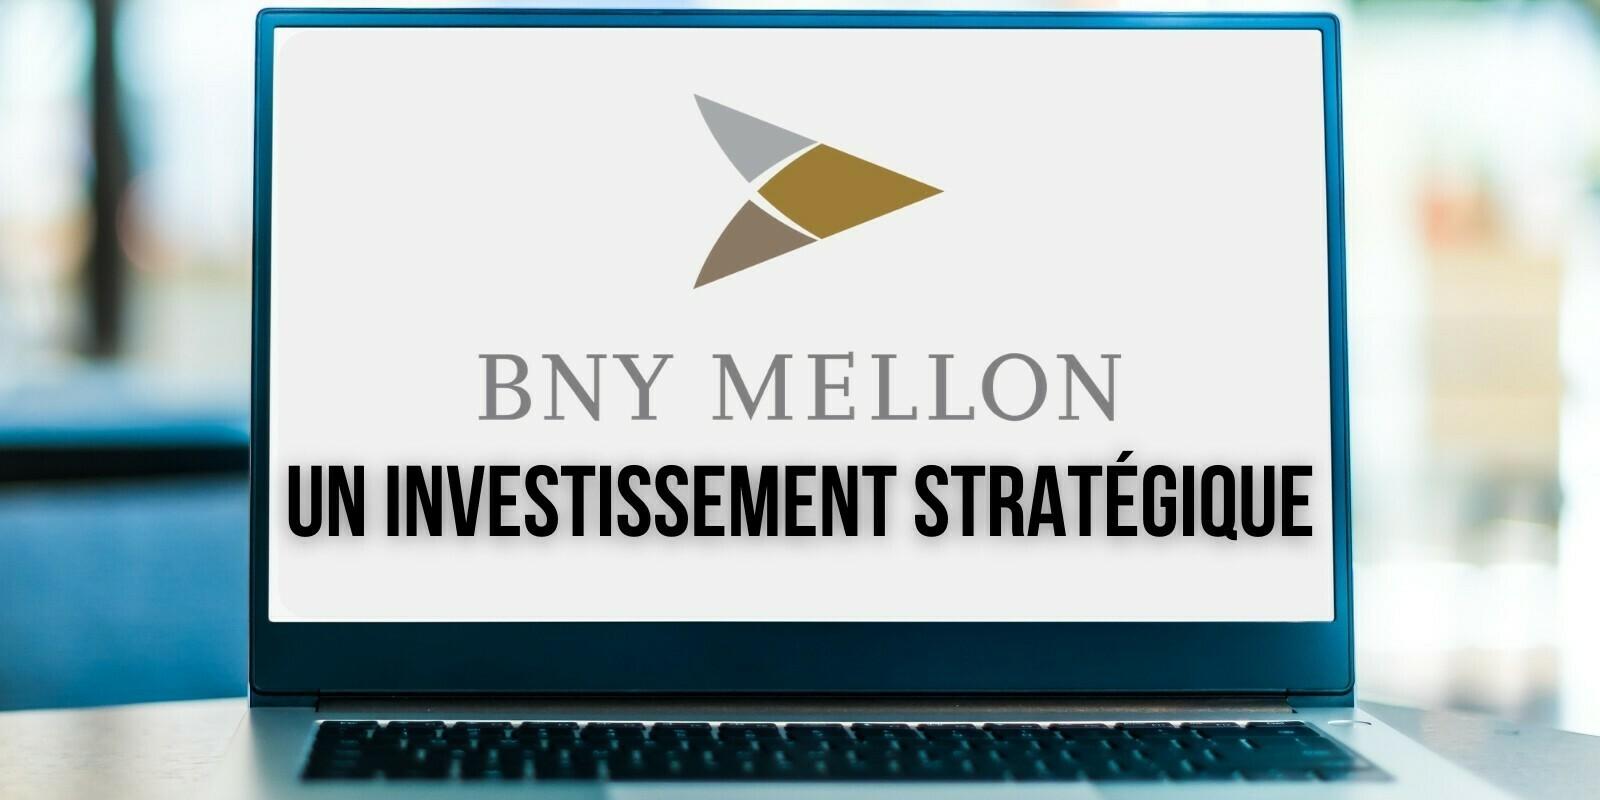 La banque BNY Mellon investit dans le service de garde pour cryptomonnaies Fireblocks